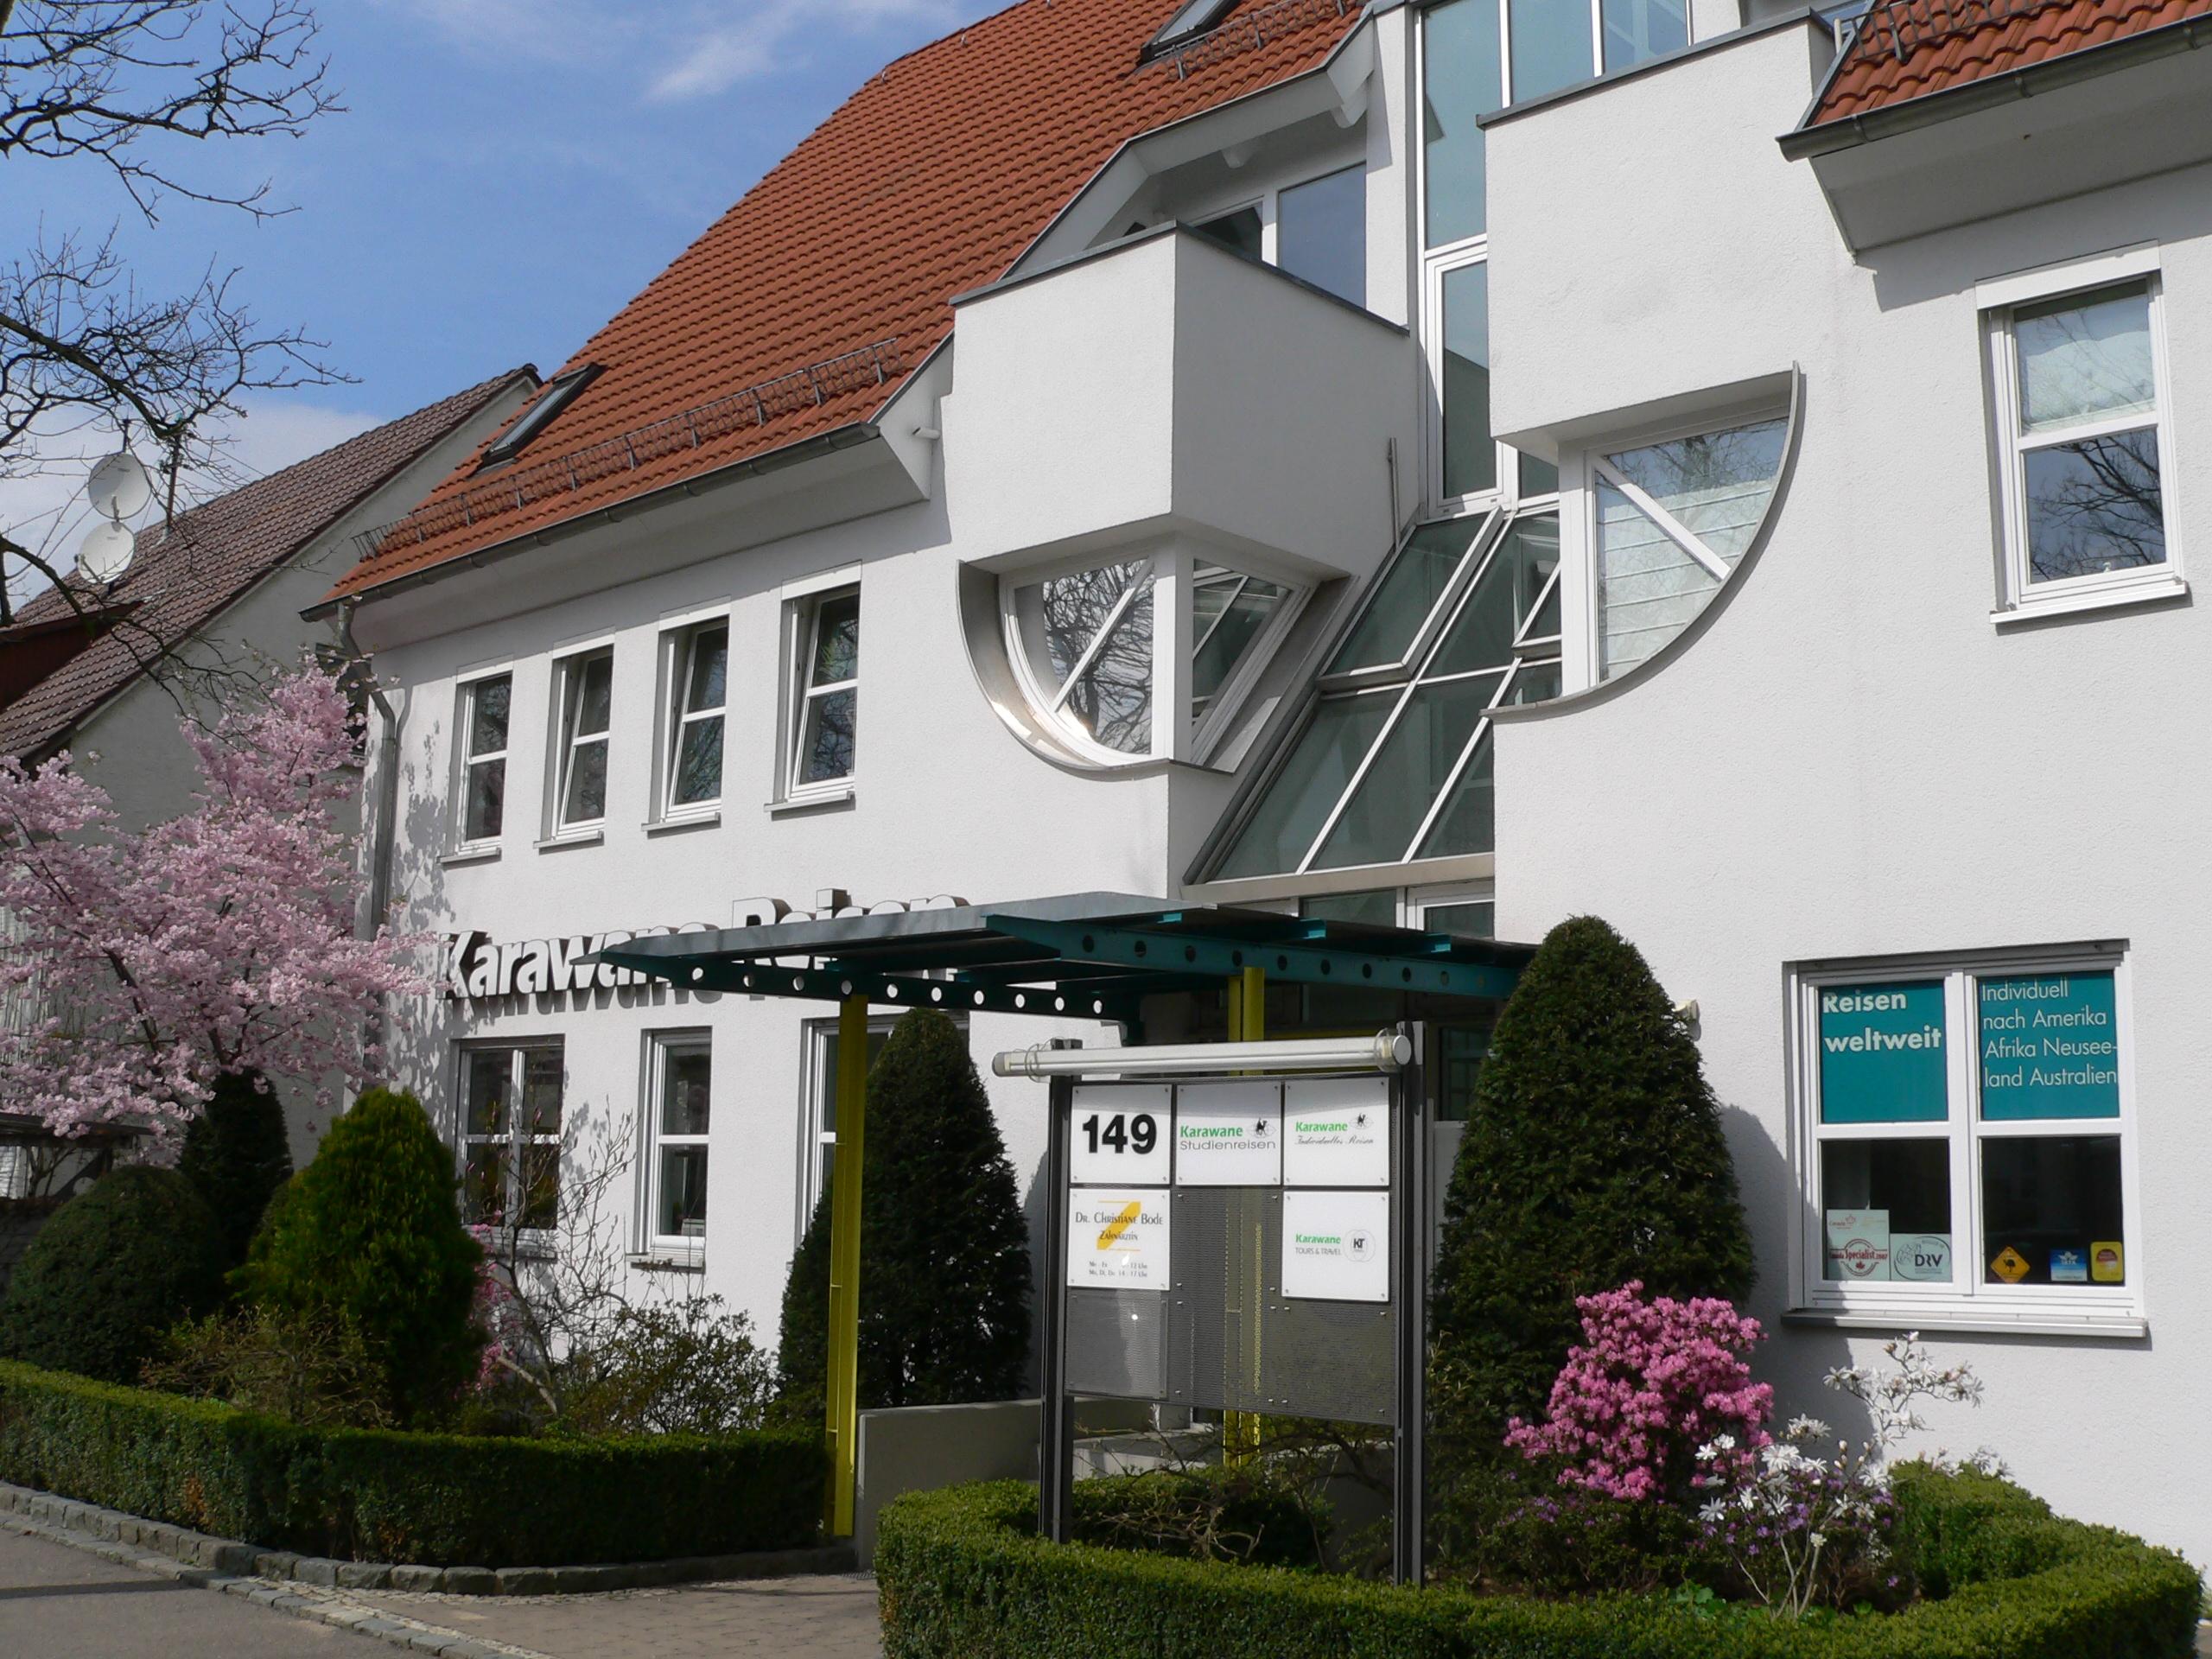 Karawane Reisen in Ludwigsburg Bürogebäude